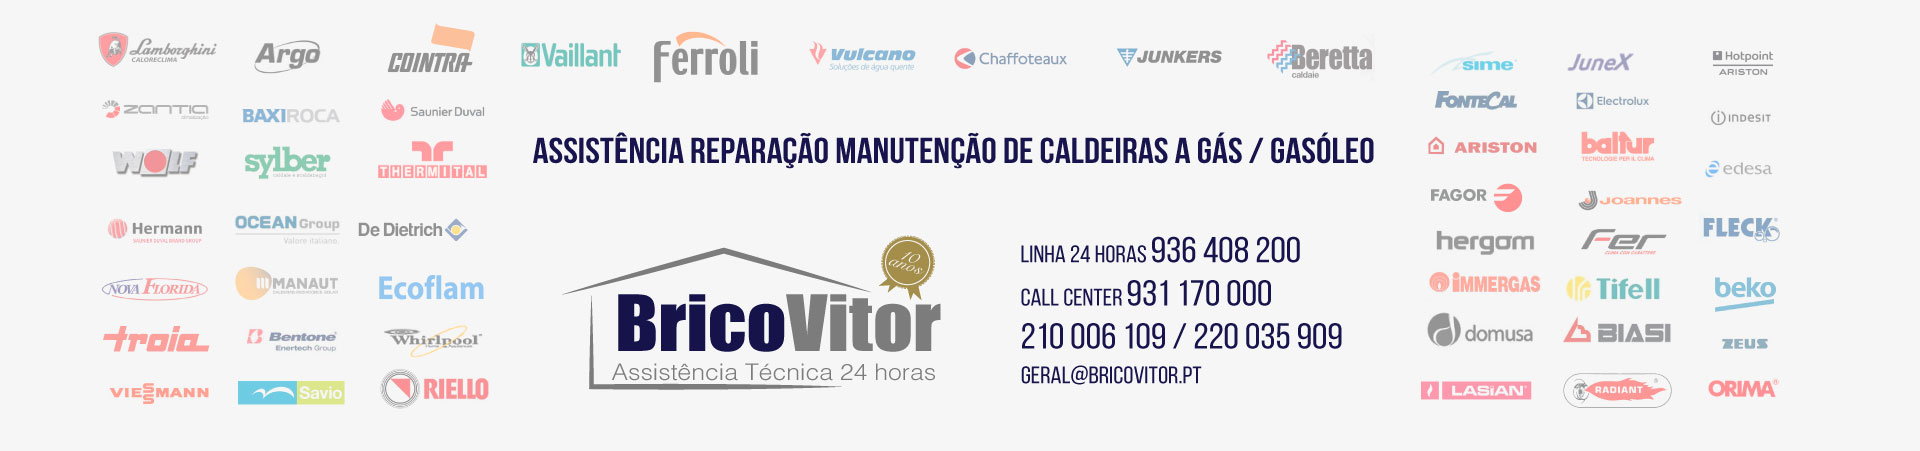 Empresa de Assistência Caldeiras Refontoura, Felgueiras 24H